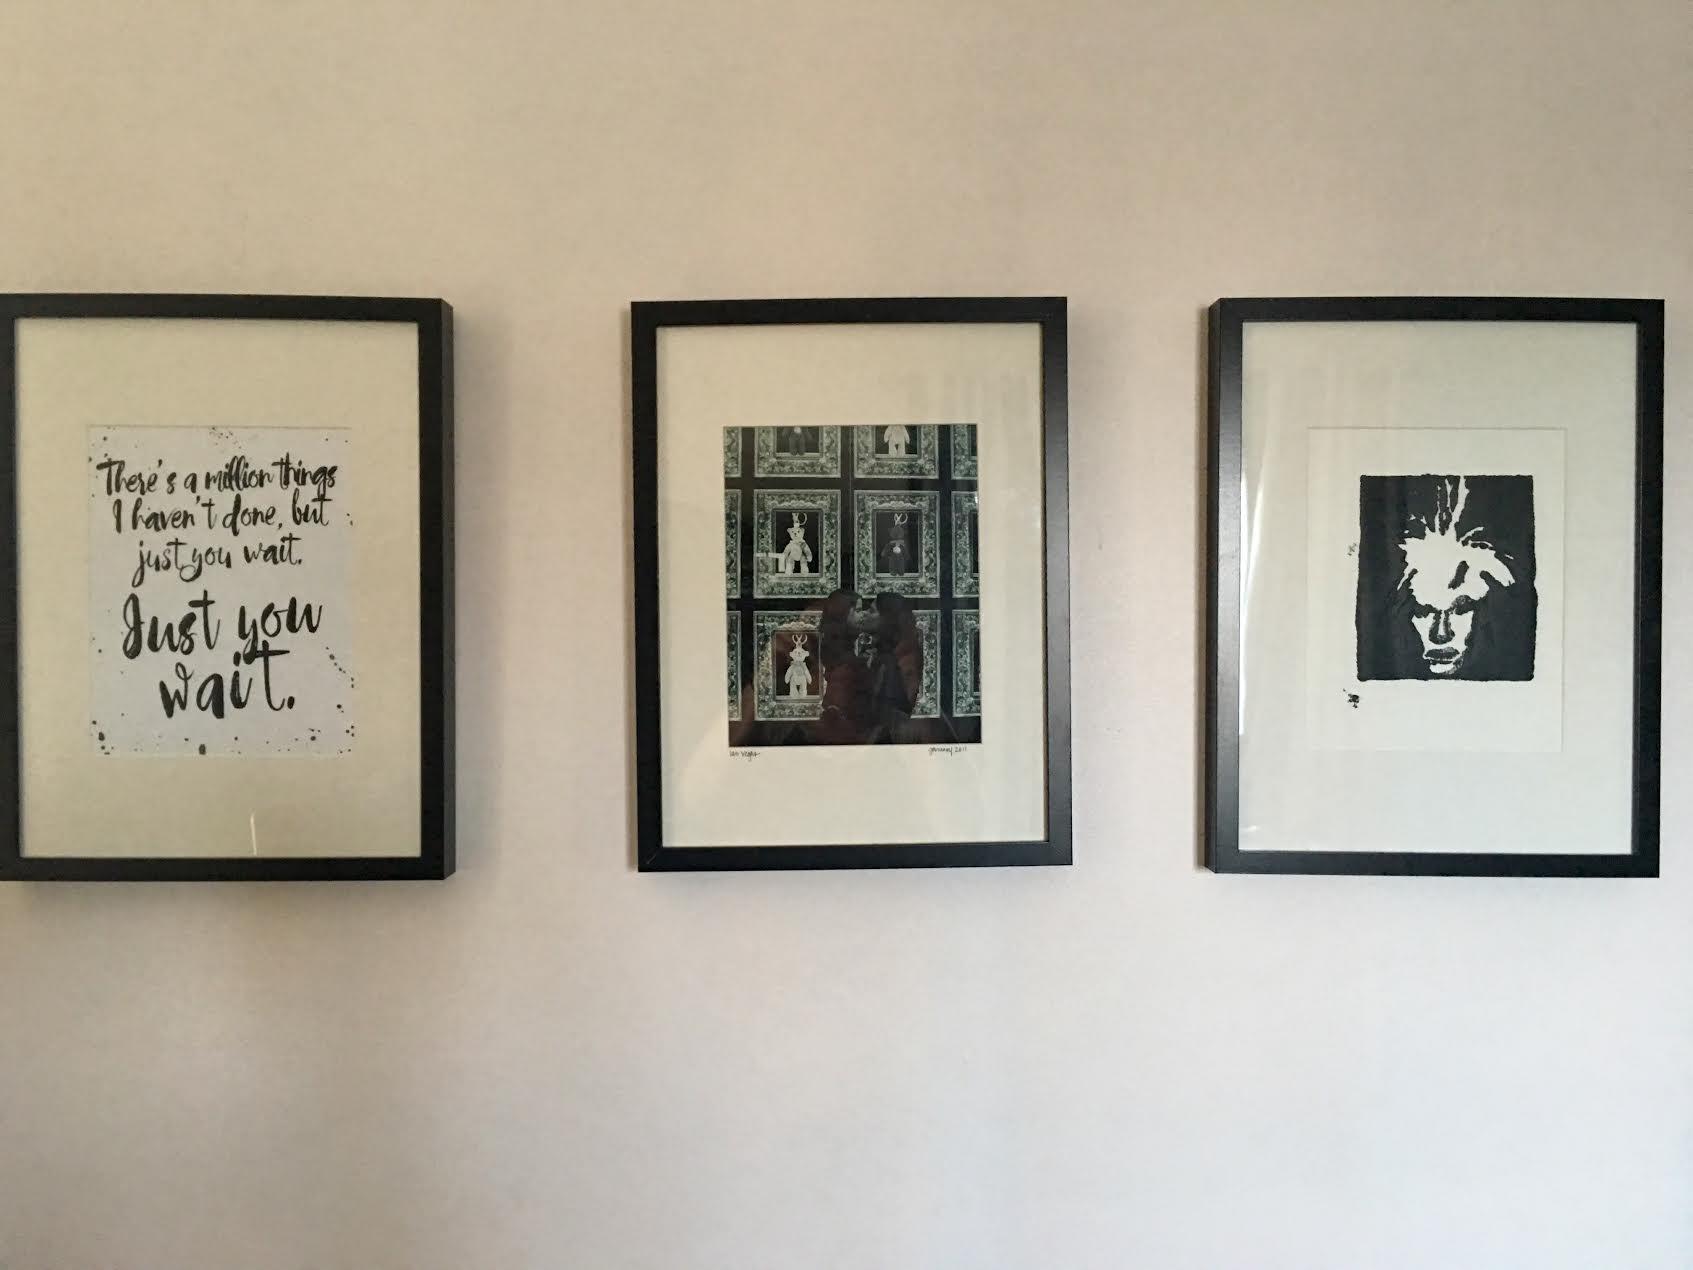 ikea-frames-hamilton-artwork-from-etsy-emily-meritt-pottery-barn ...